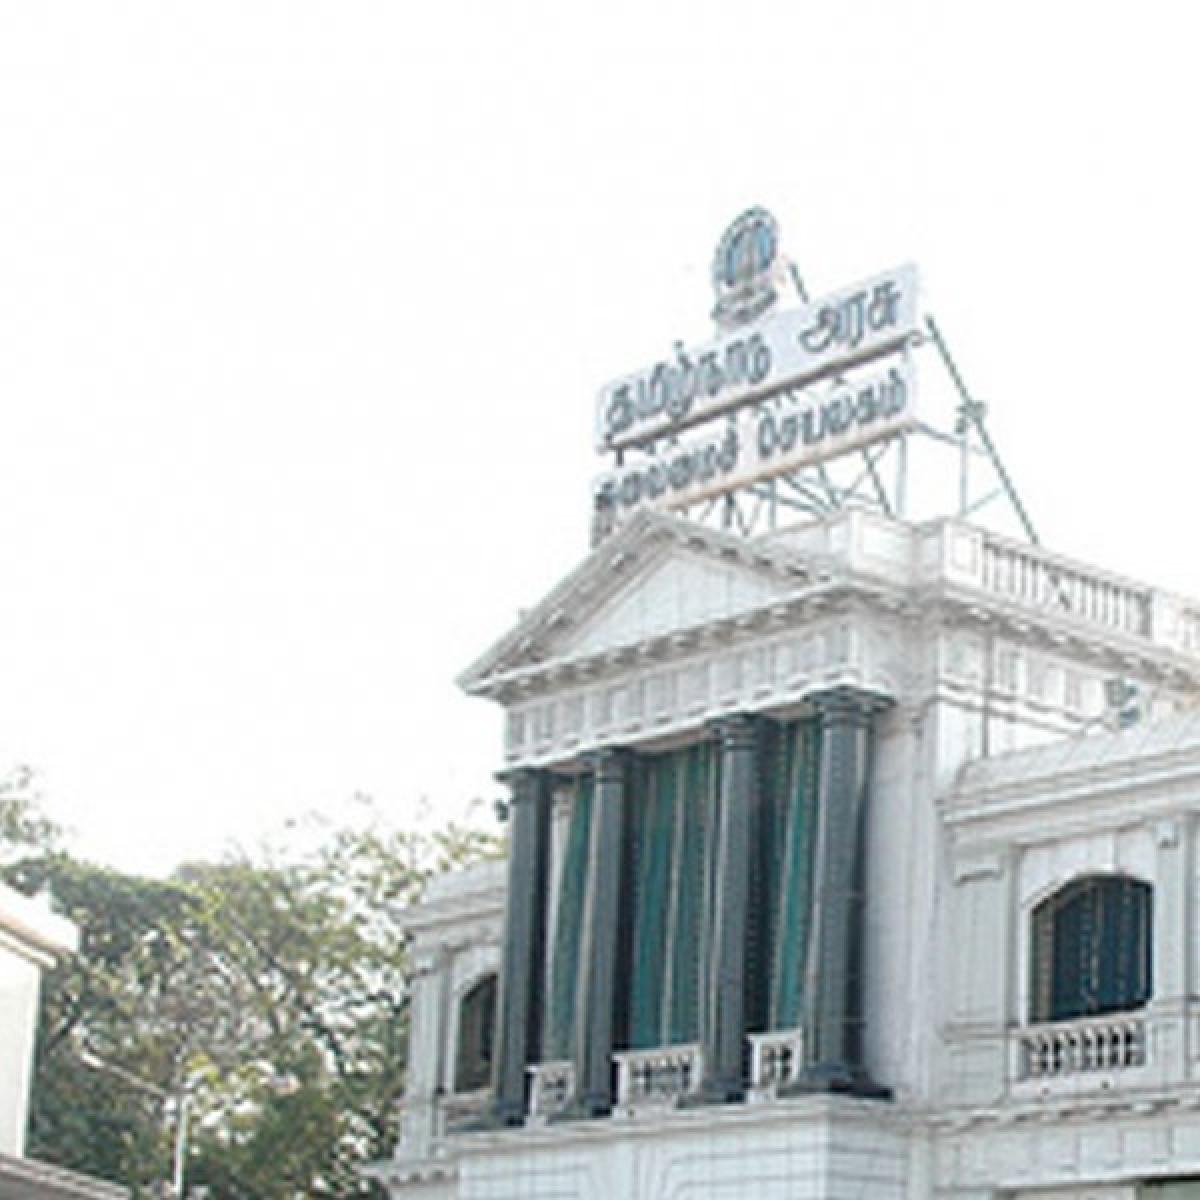 விபத்துகளைக் குறைக்கும் முதல் 3 மாவட்டங்களுக்கு விருது! - தமிழக அரசு அறிவிப்பு